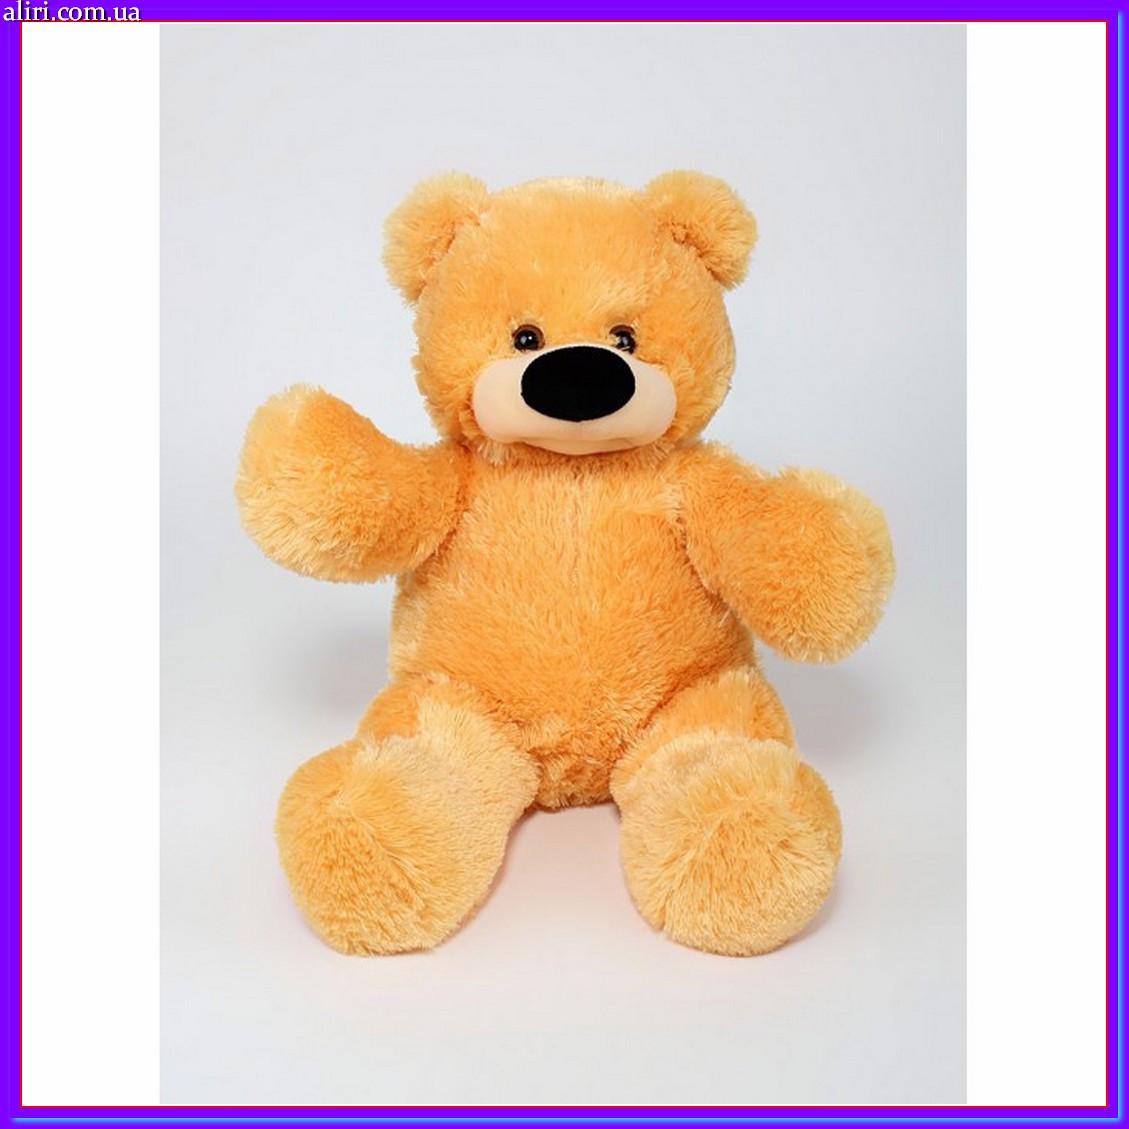 Якісна м'яка іграшка ведмедик 45 см медовий колір сидячий